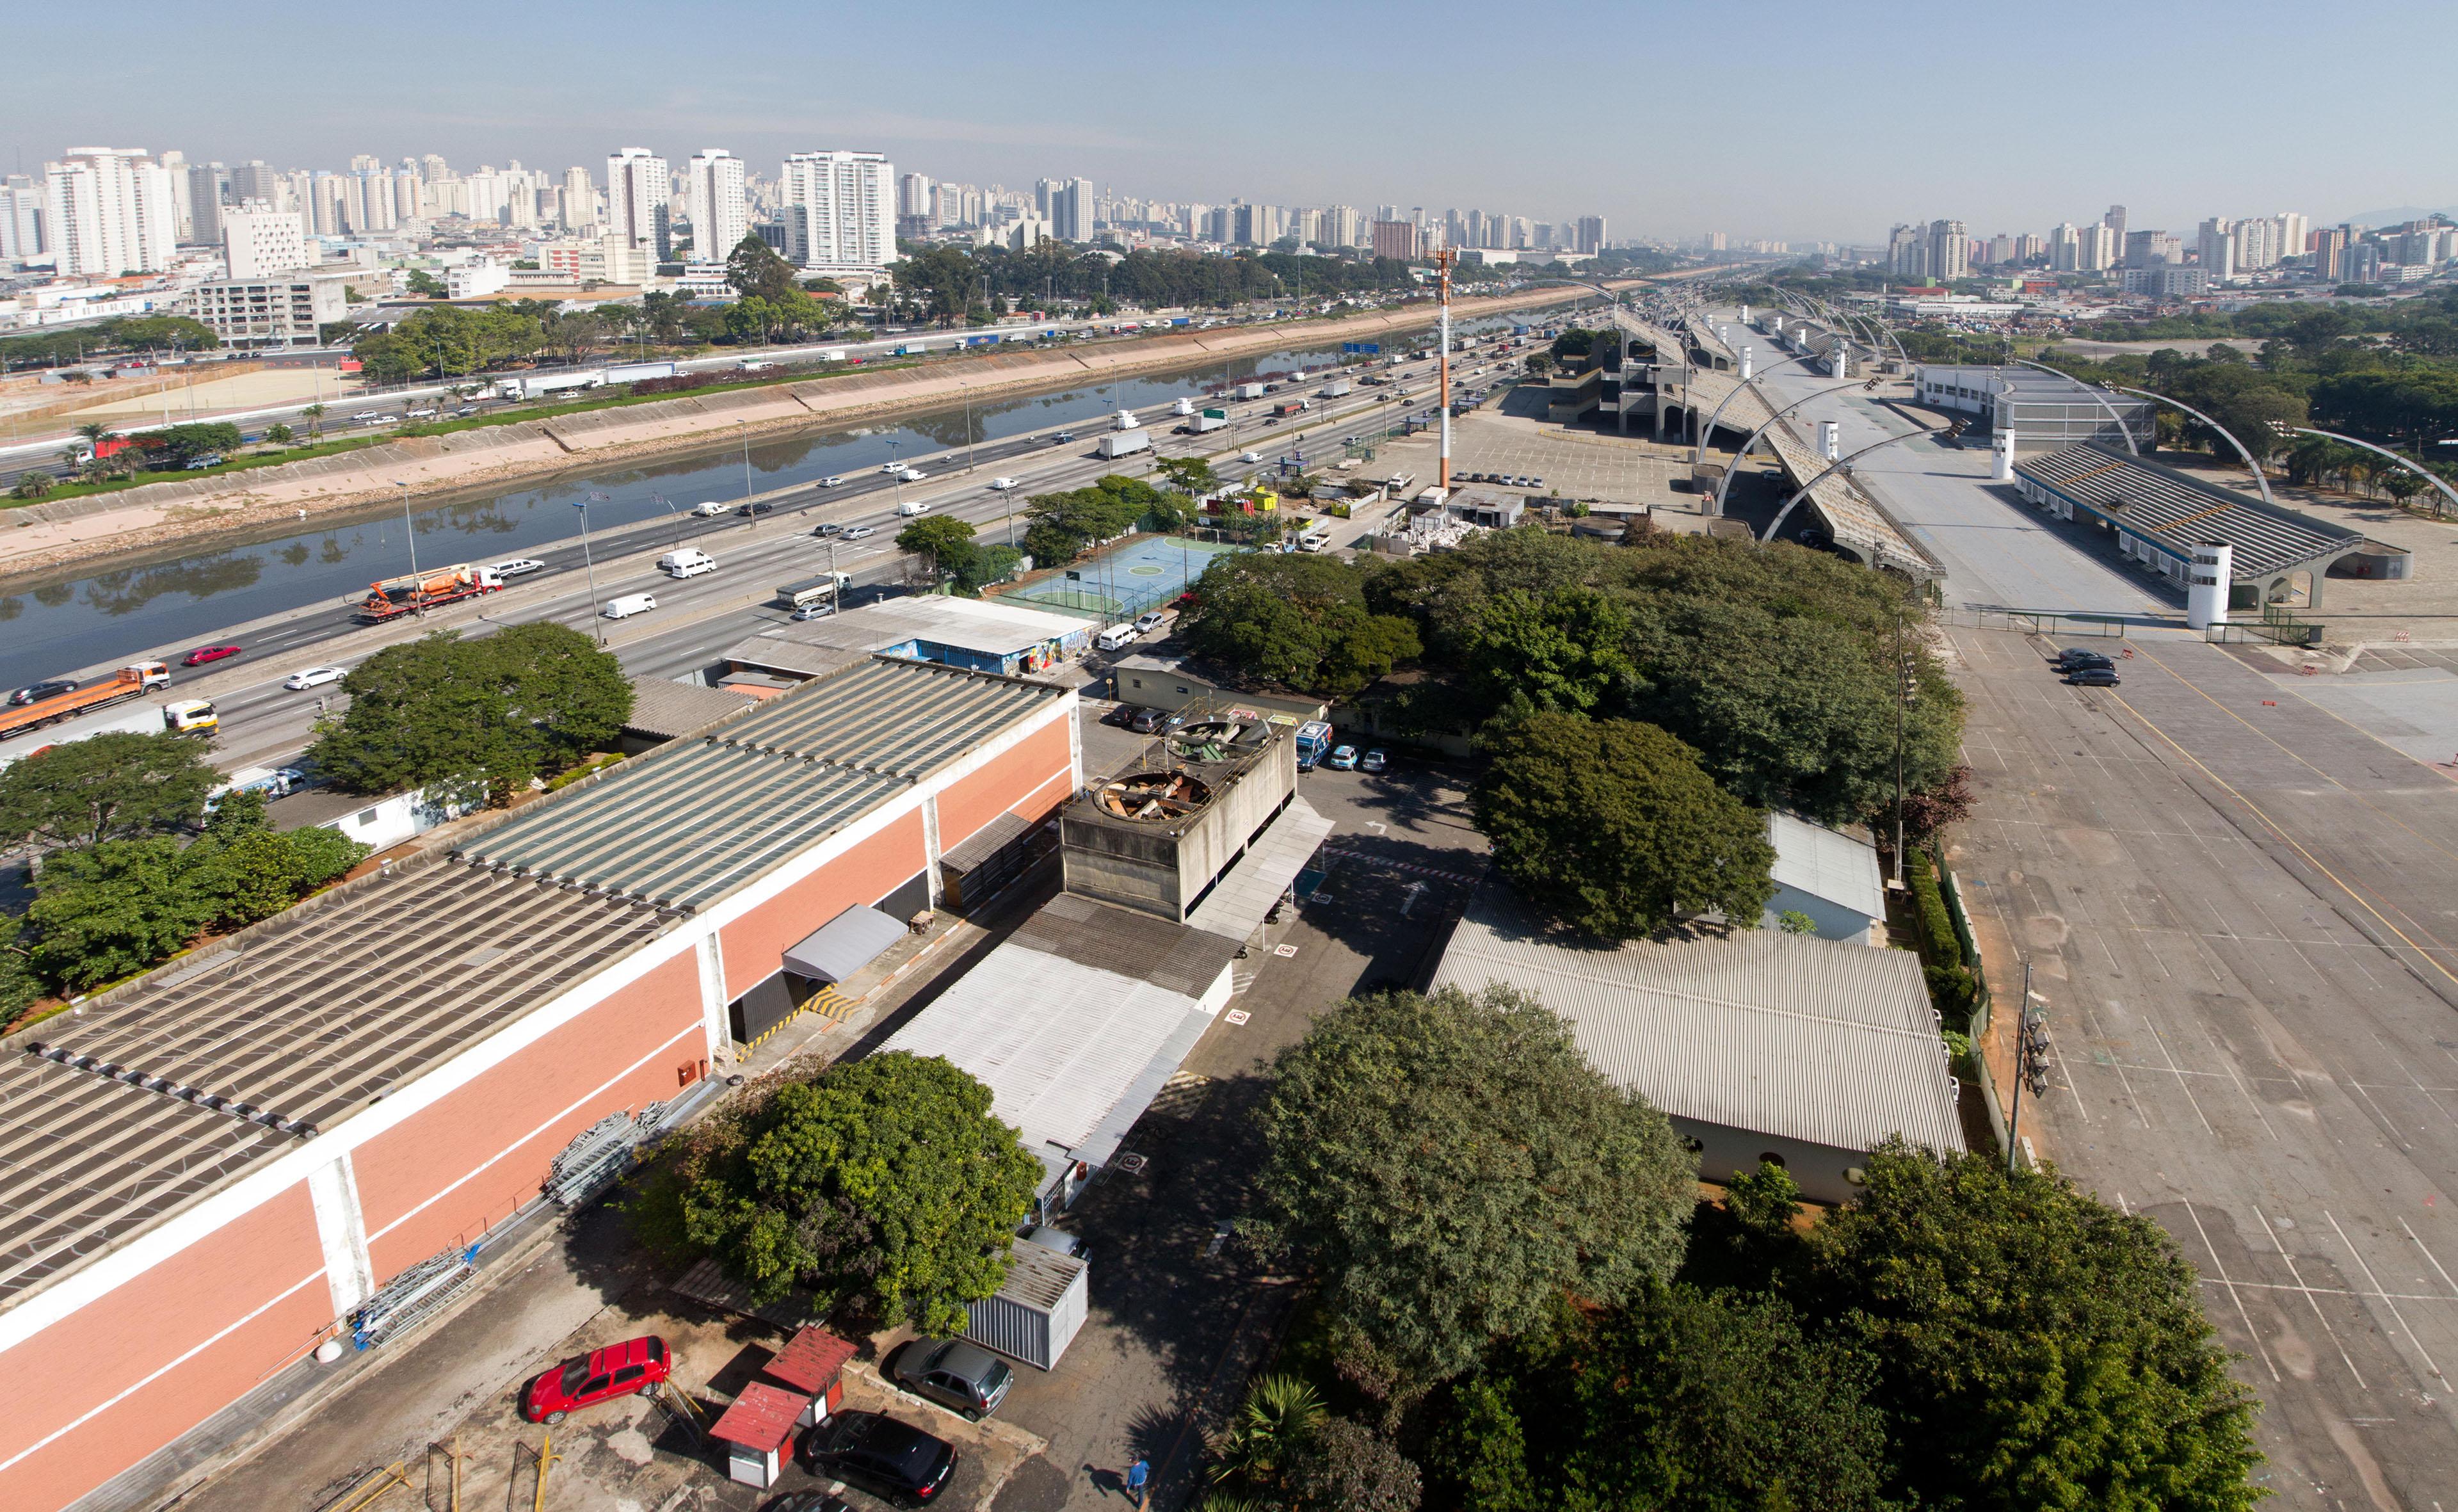 Área onde ficará o novo Espaço Multiuso de Eventos no Anhembi. Foto: Jose Cordeiro/ SPTuris